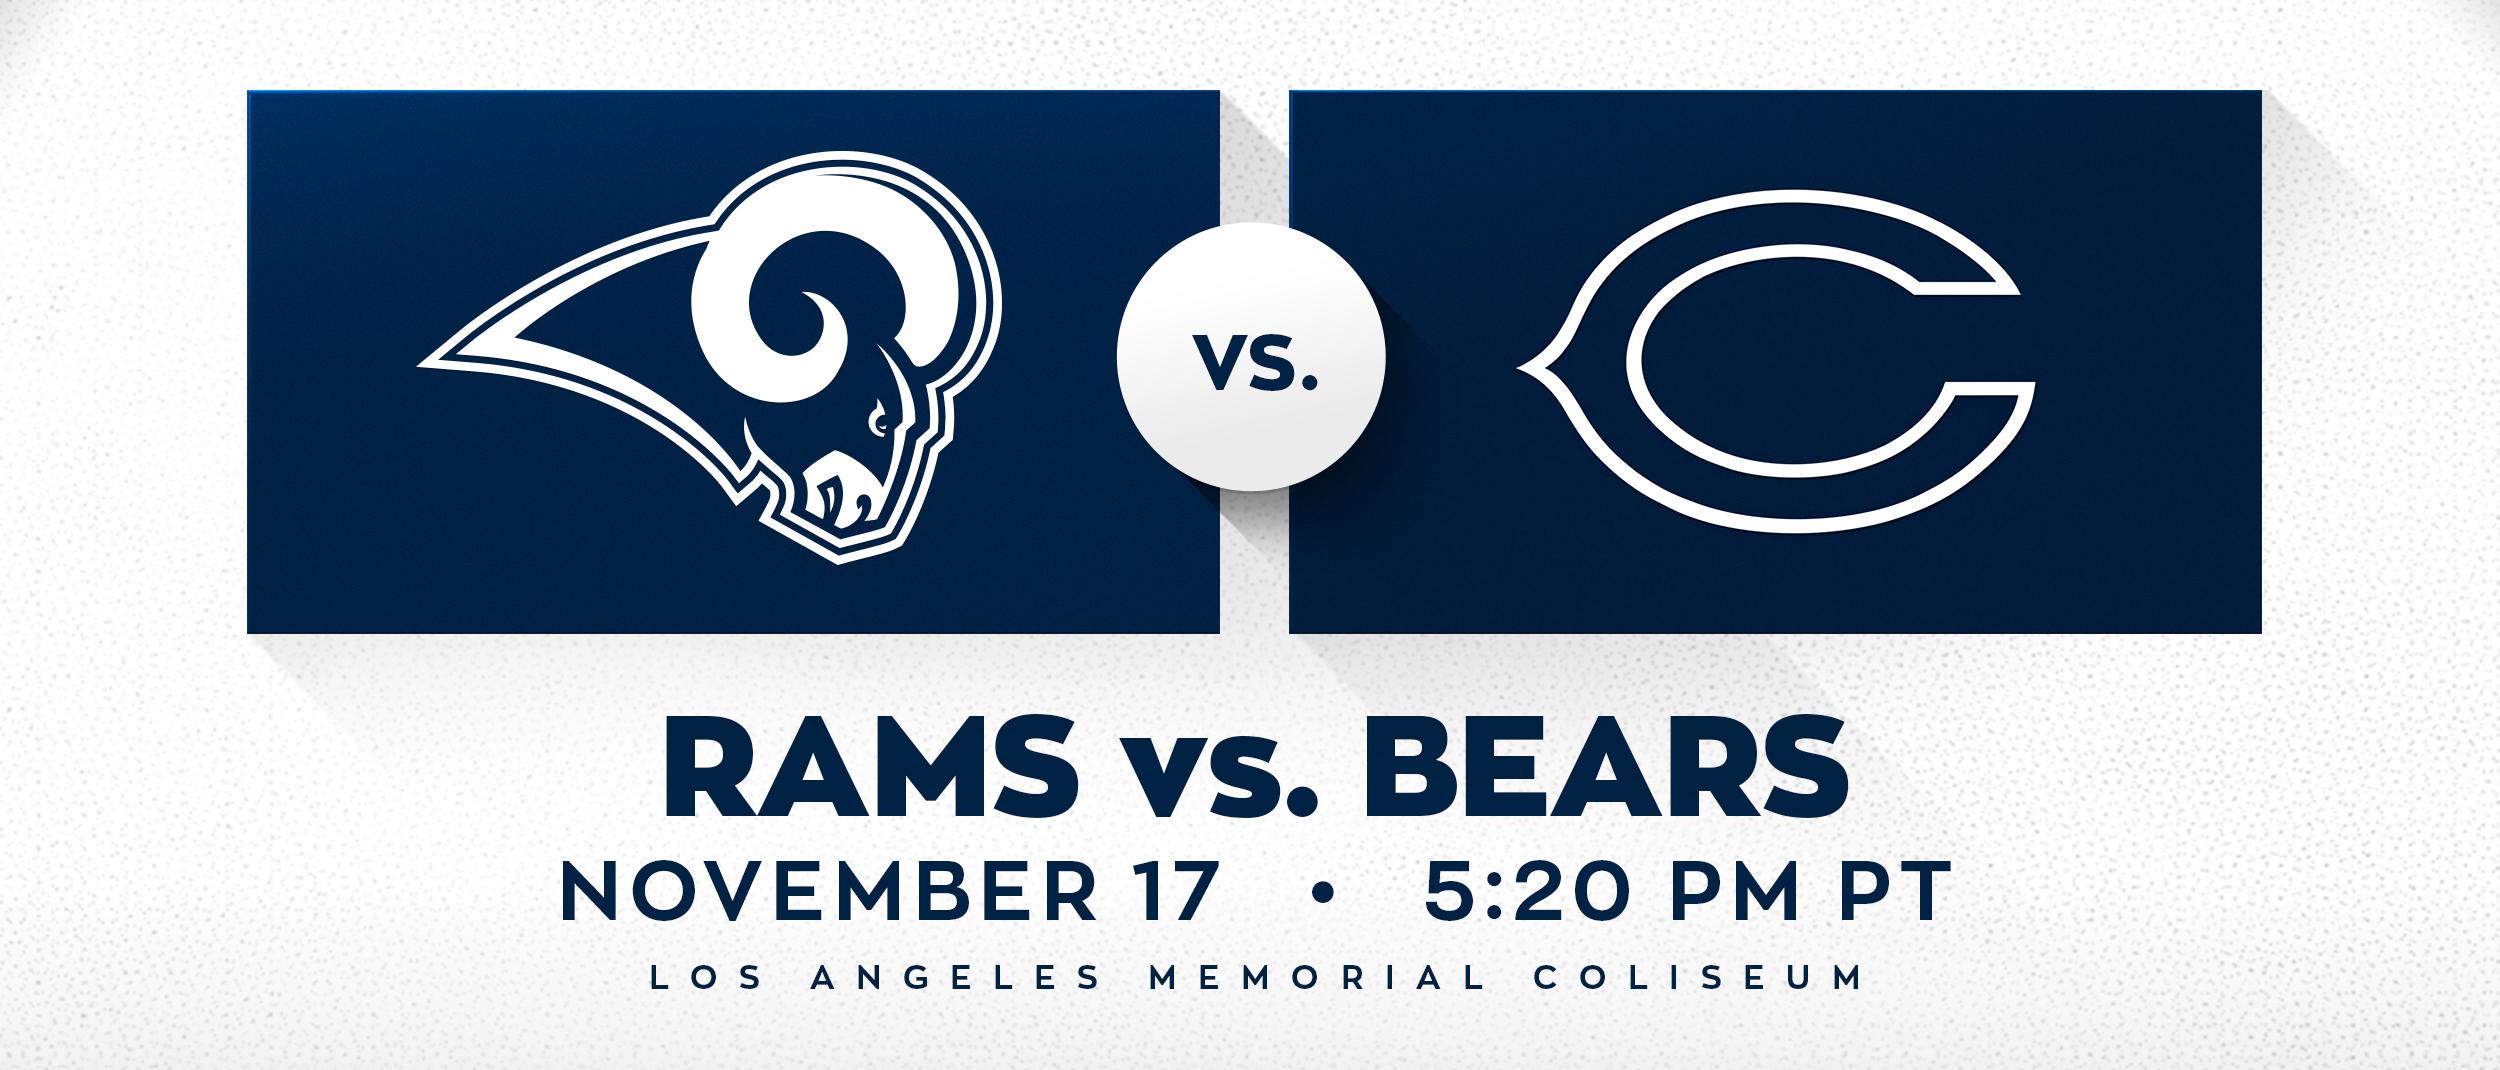 Rams vs Bears